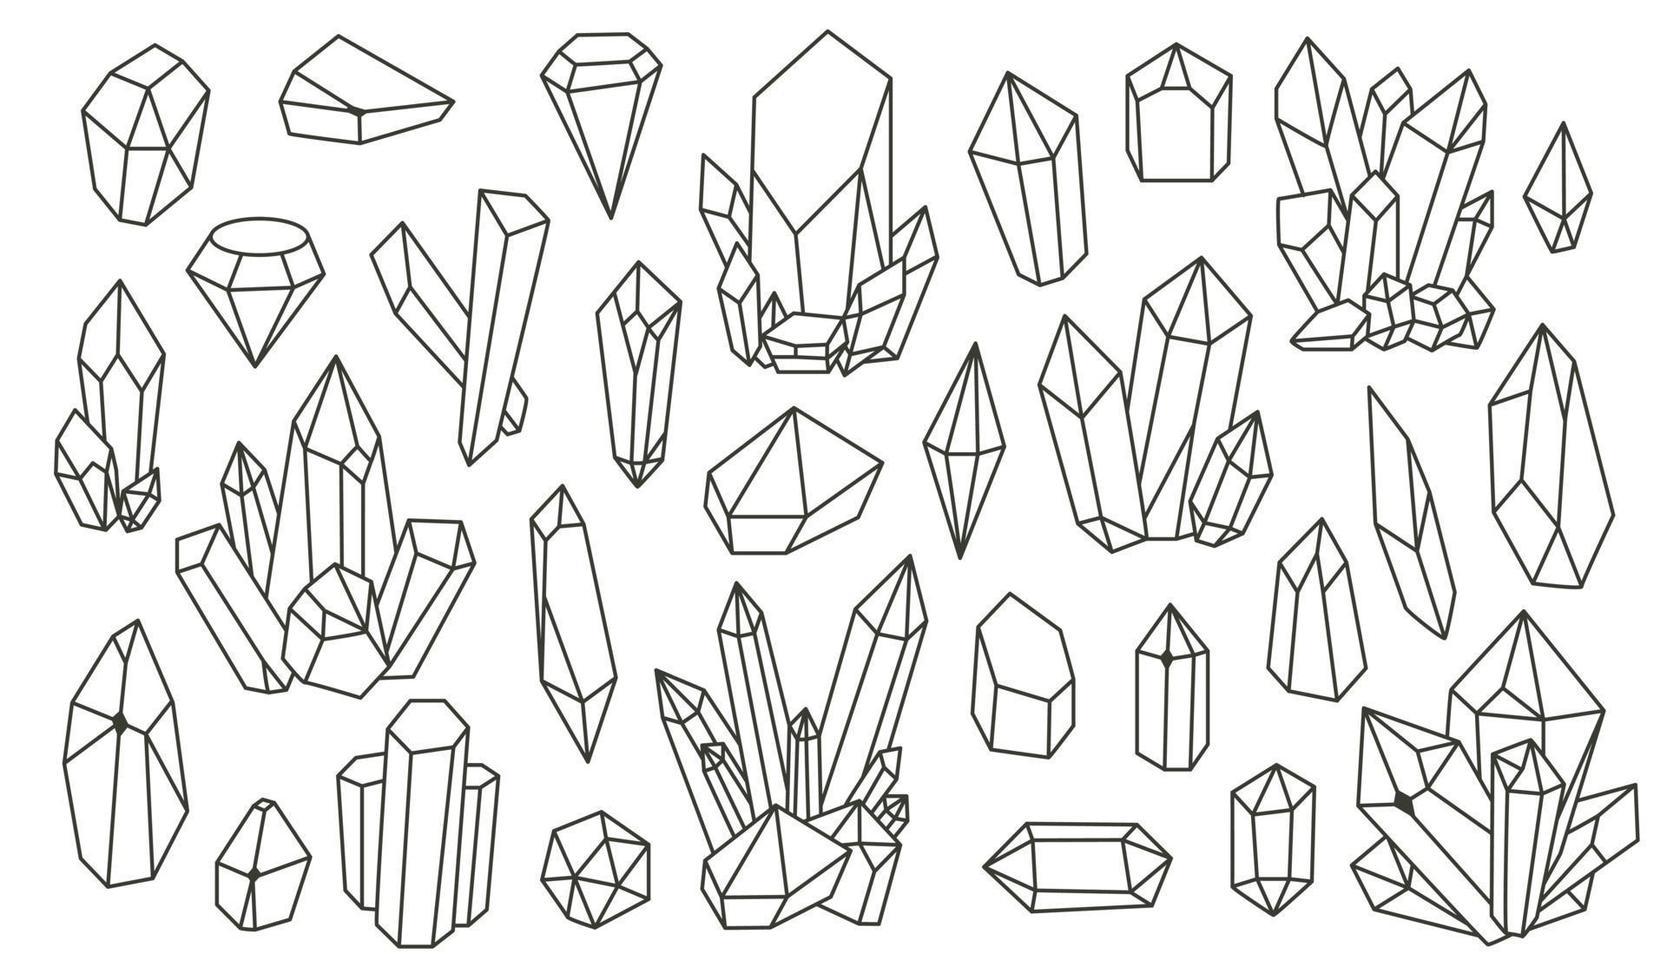 Satz von geometrischen Mineralien, Kristallen, Edelsteinen. geometrische handgezeichnete Formen. trendige Hipster Retro Hintergründe und Logos vektor